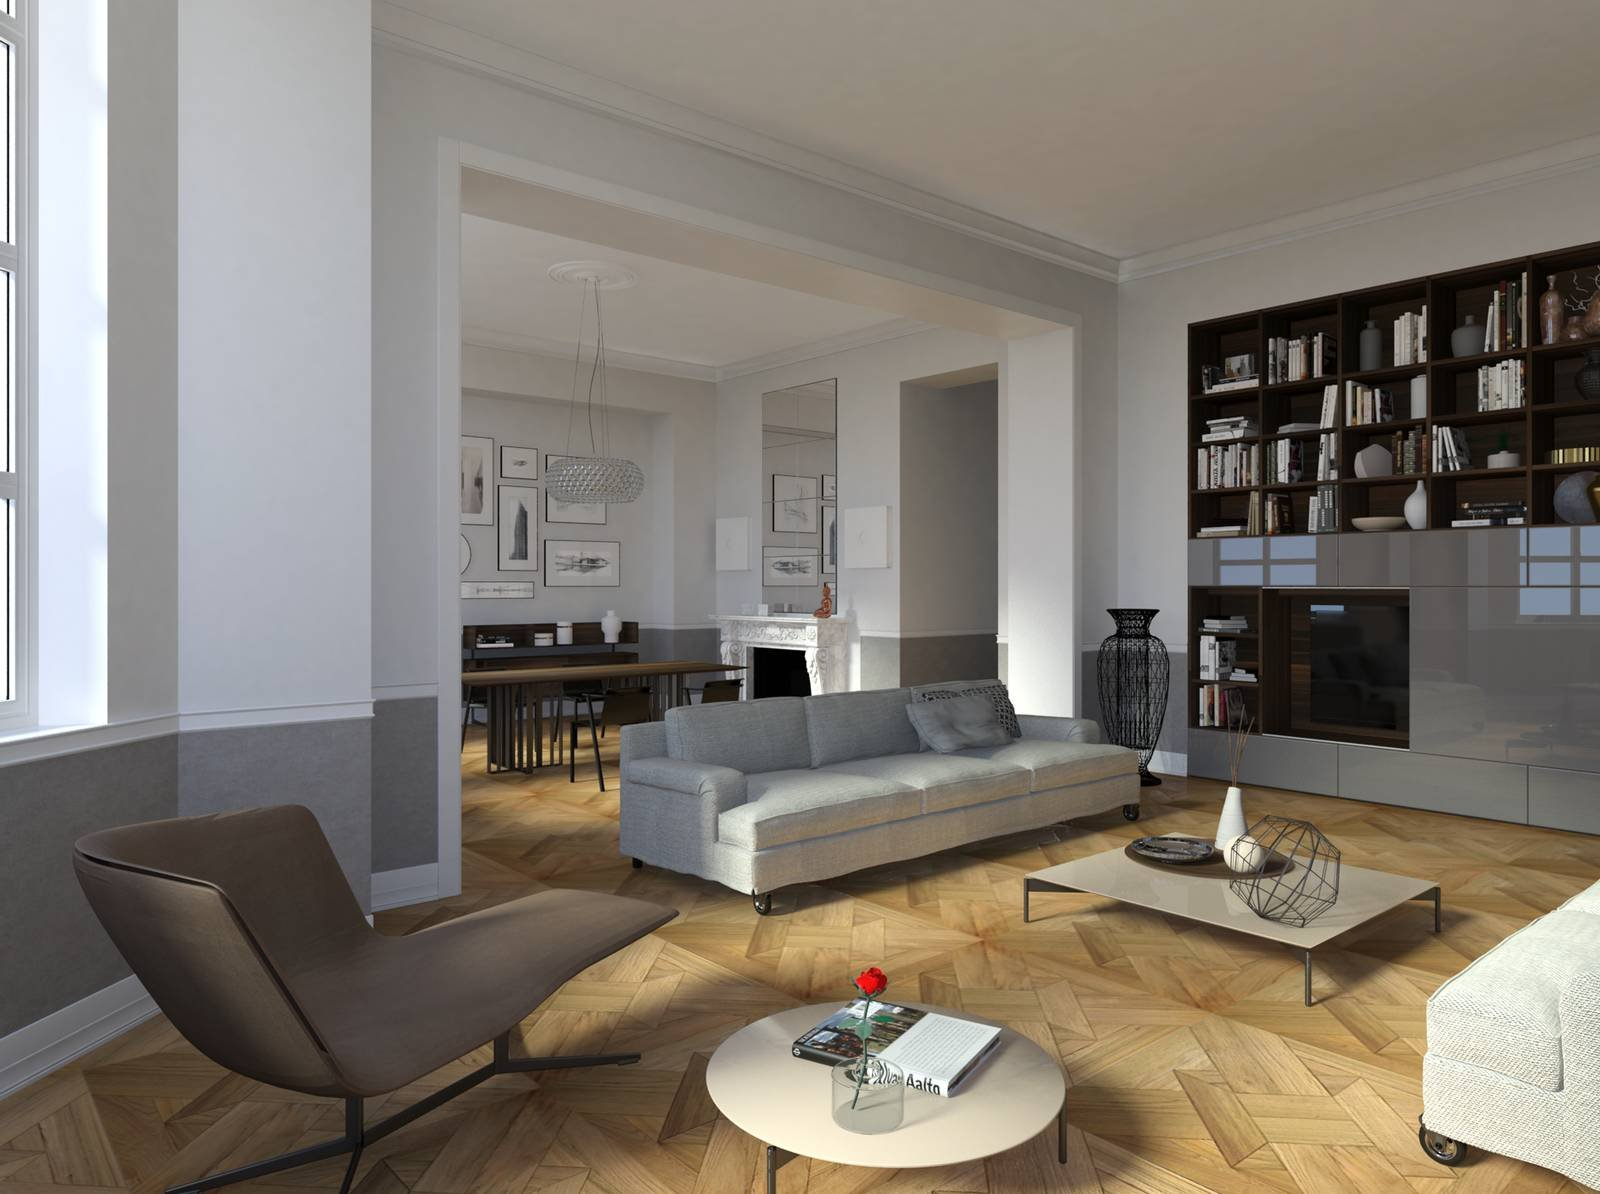 Casa depoca arredi contemporanei: progetto di interior design in